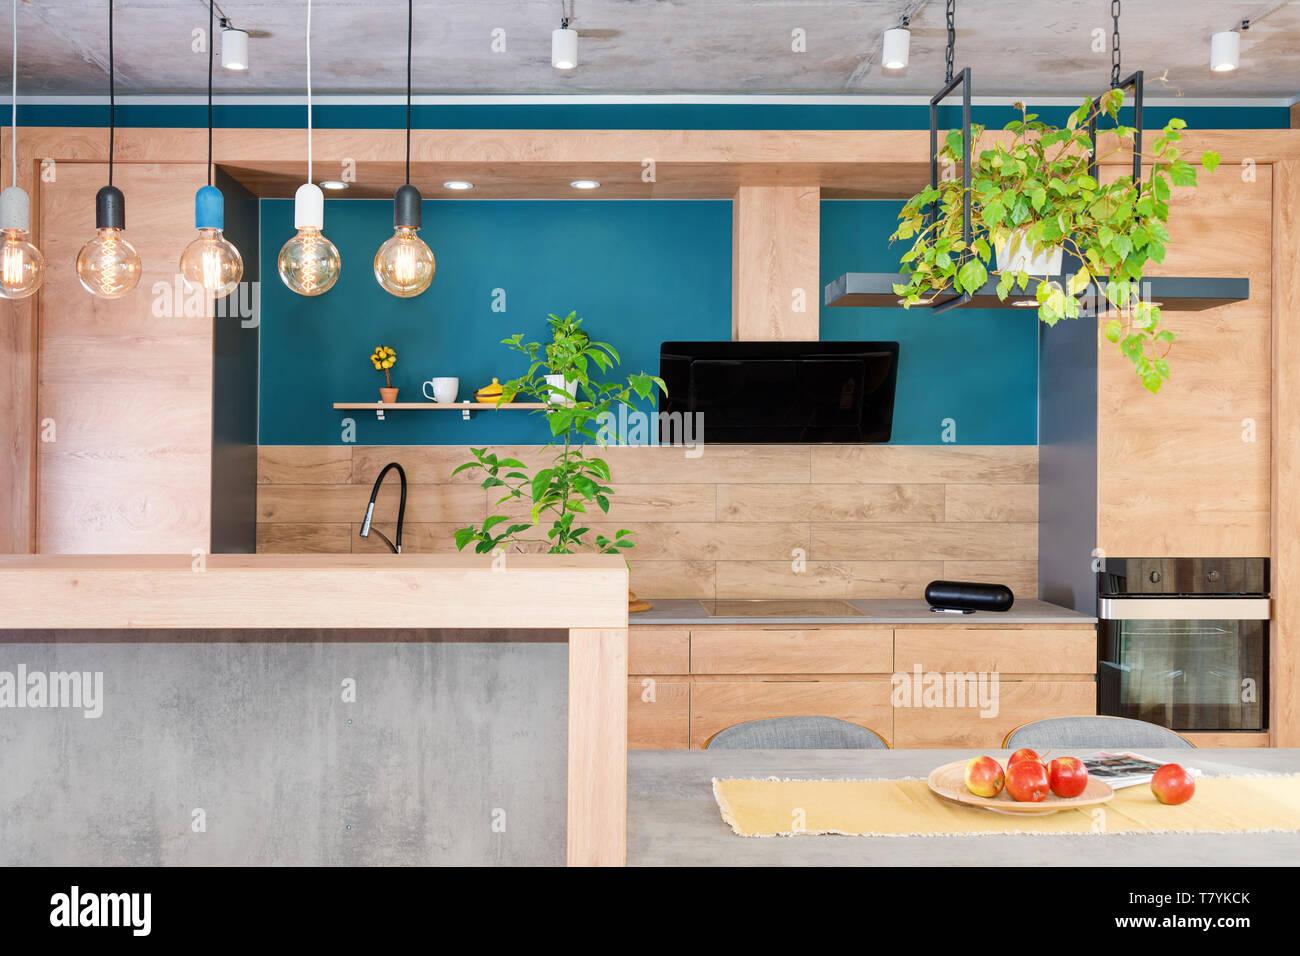 Arredamento moderno e di cucina di lusso. Minimalista ...